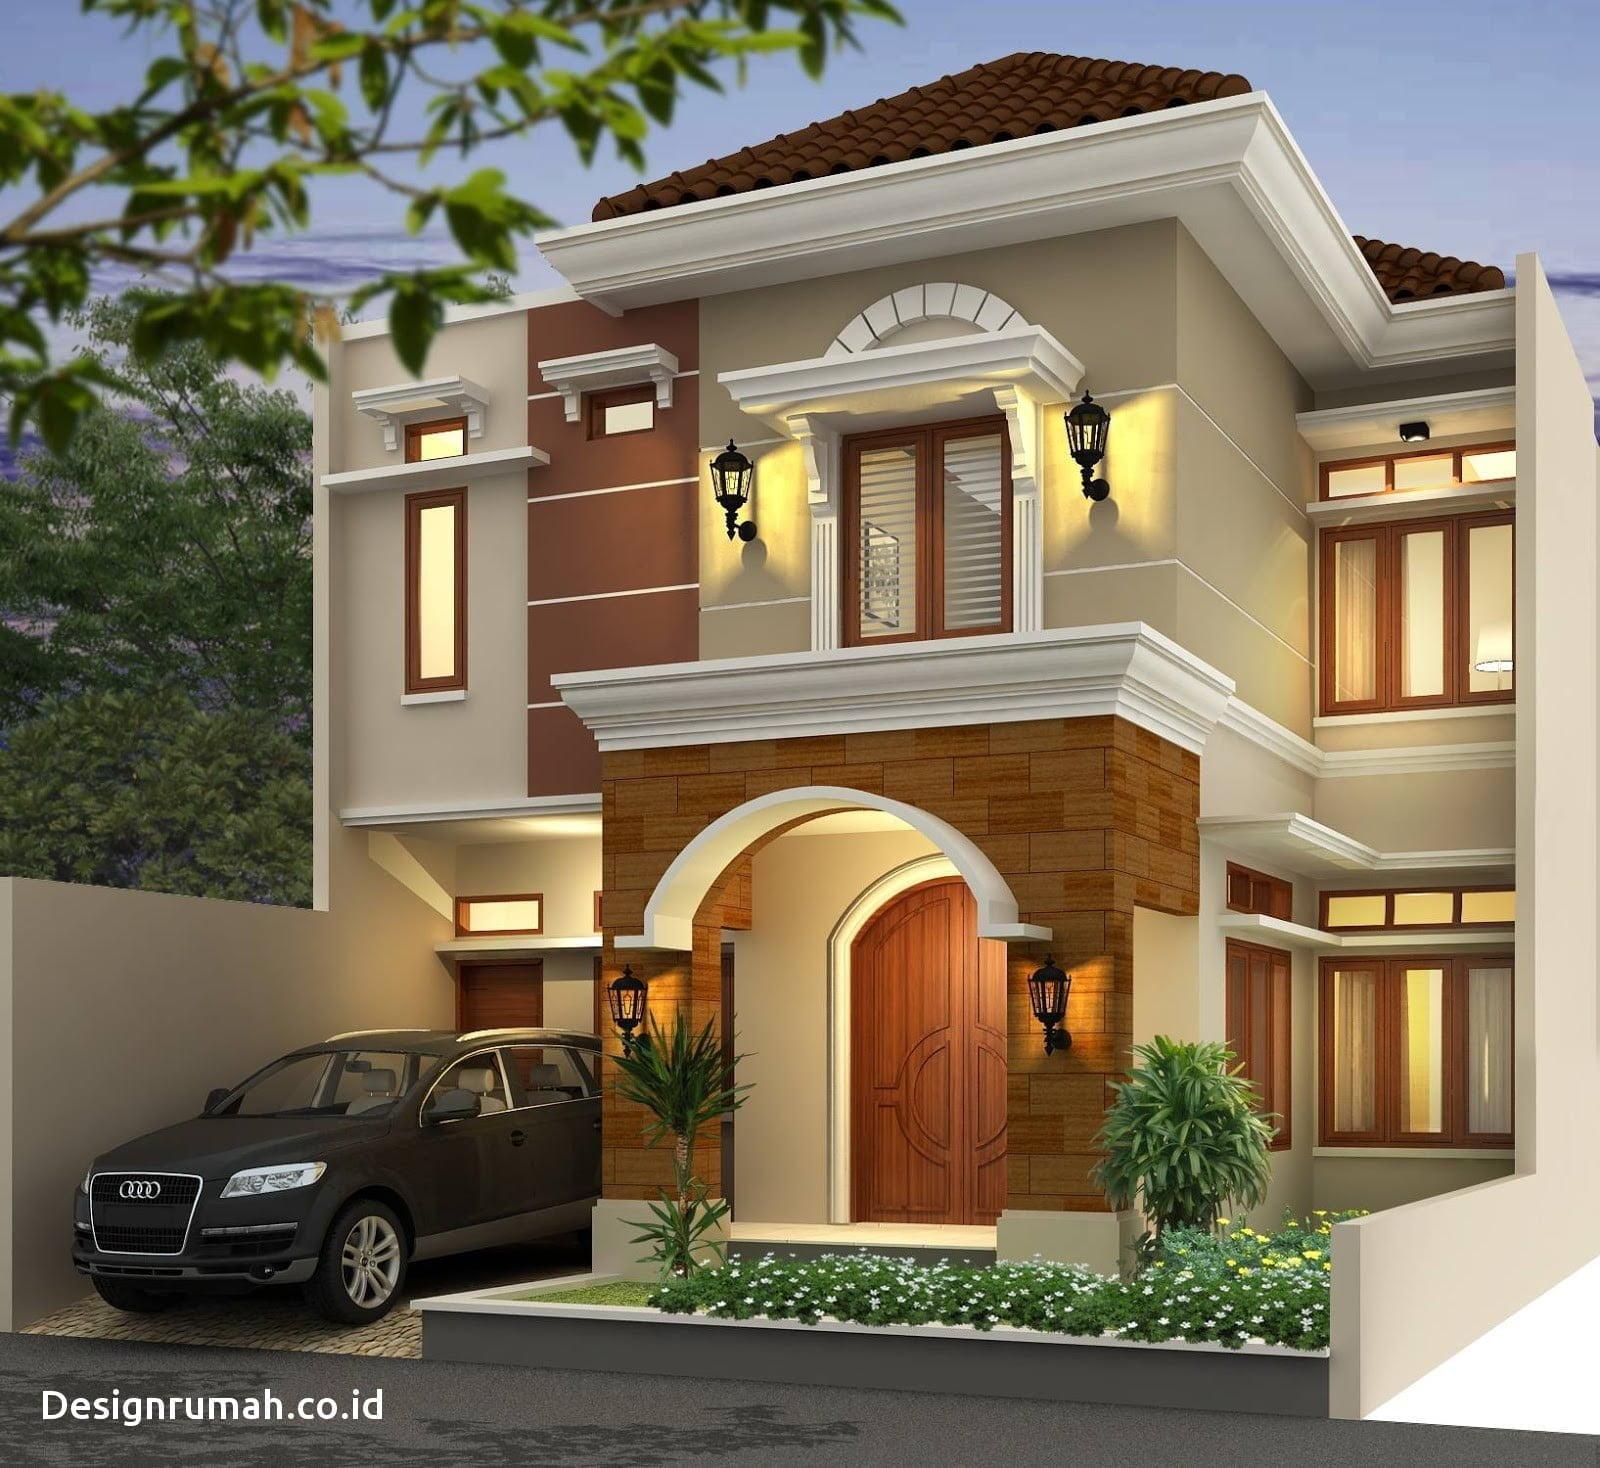 32 Ragam Desain Rumah Minimalis Modern 2 Lantai Terbaru Kreatif Banget Deh Deagam Design